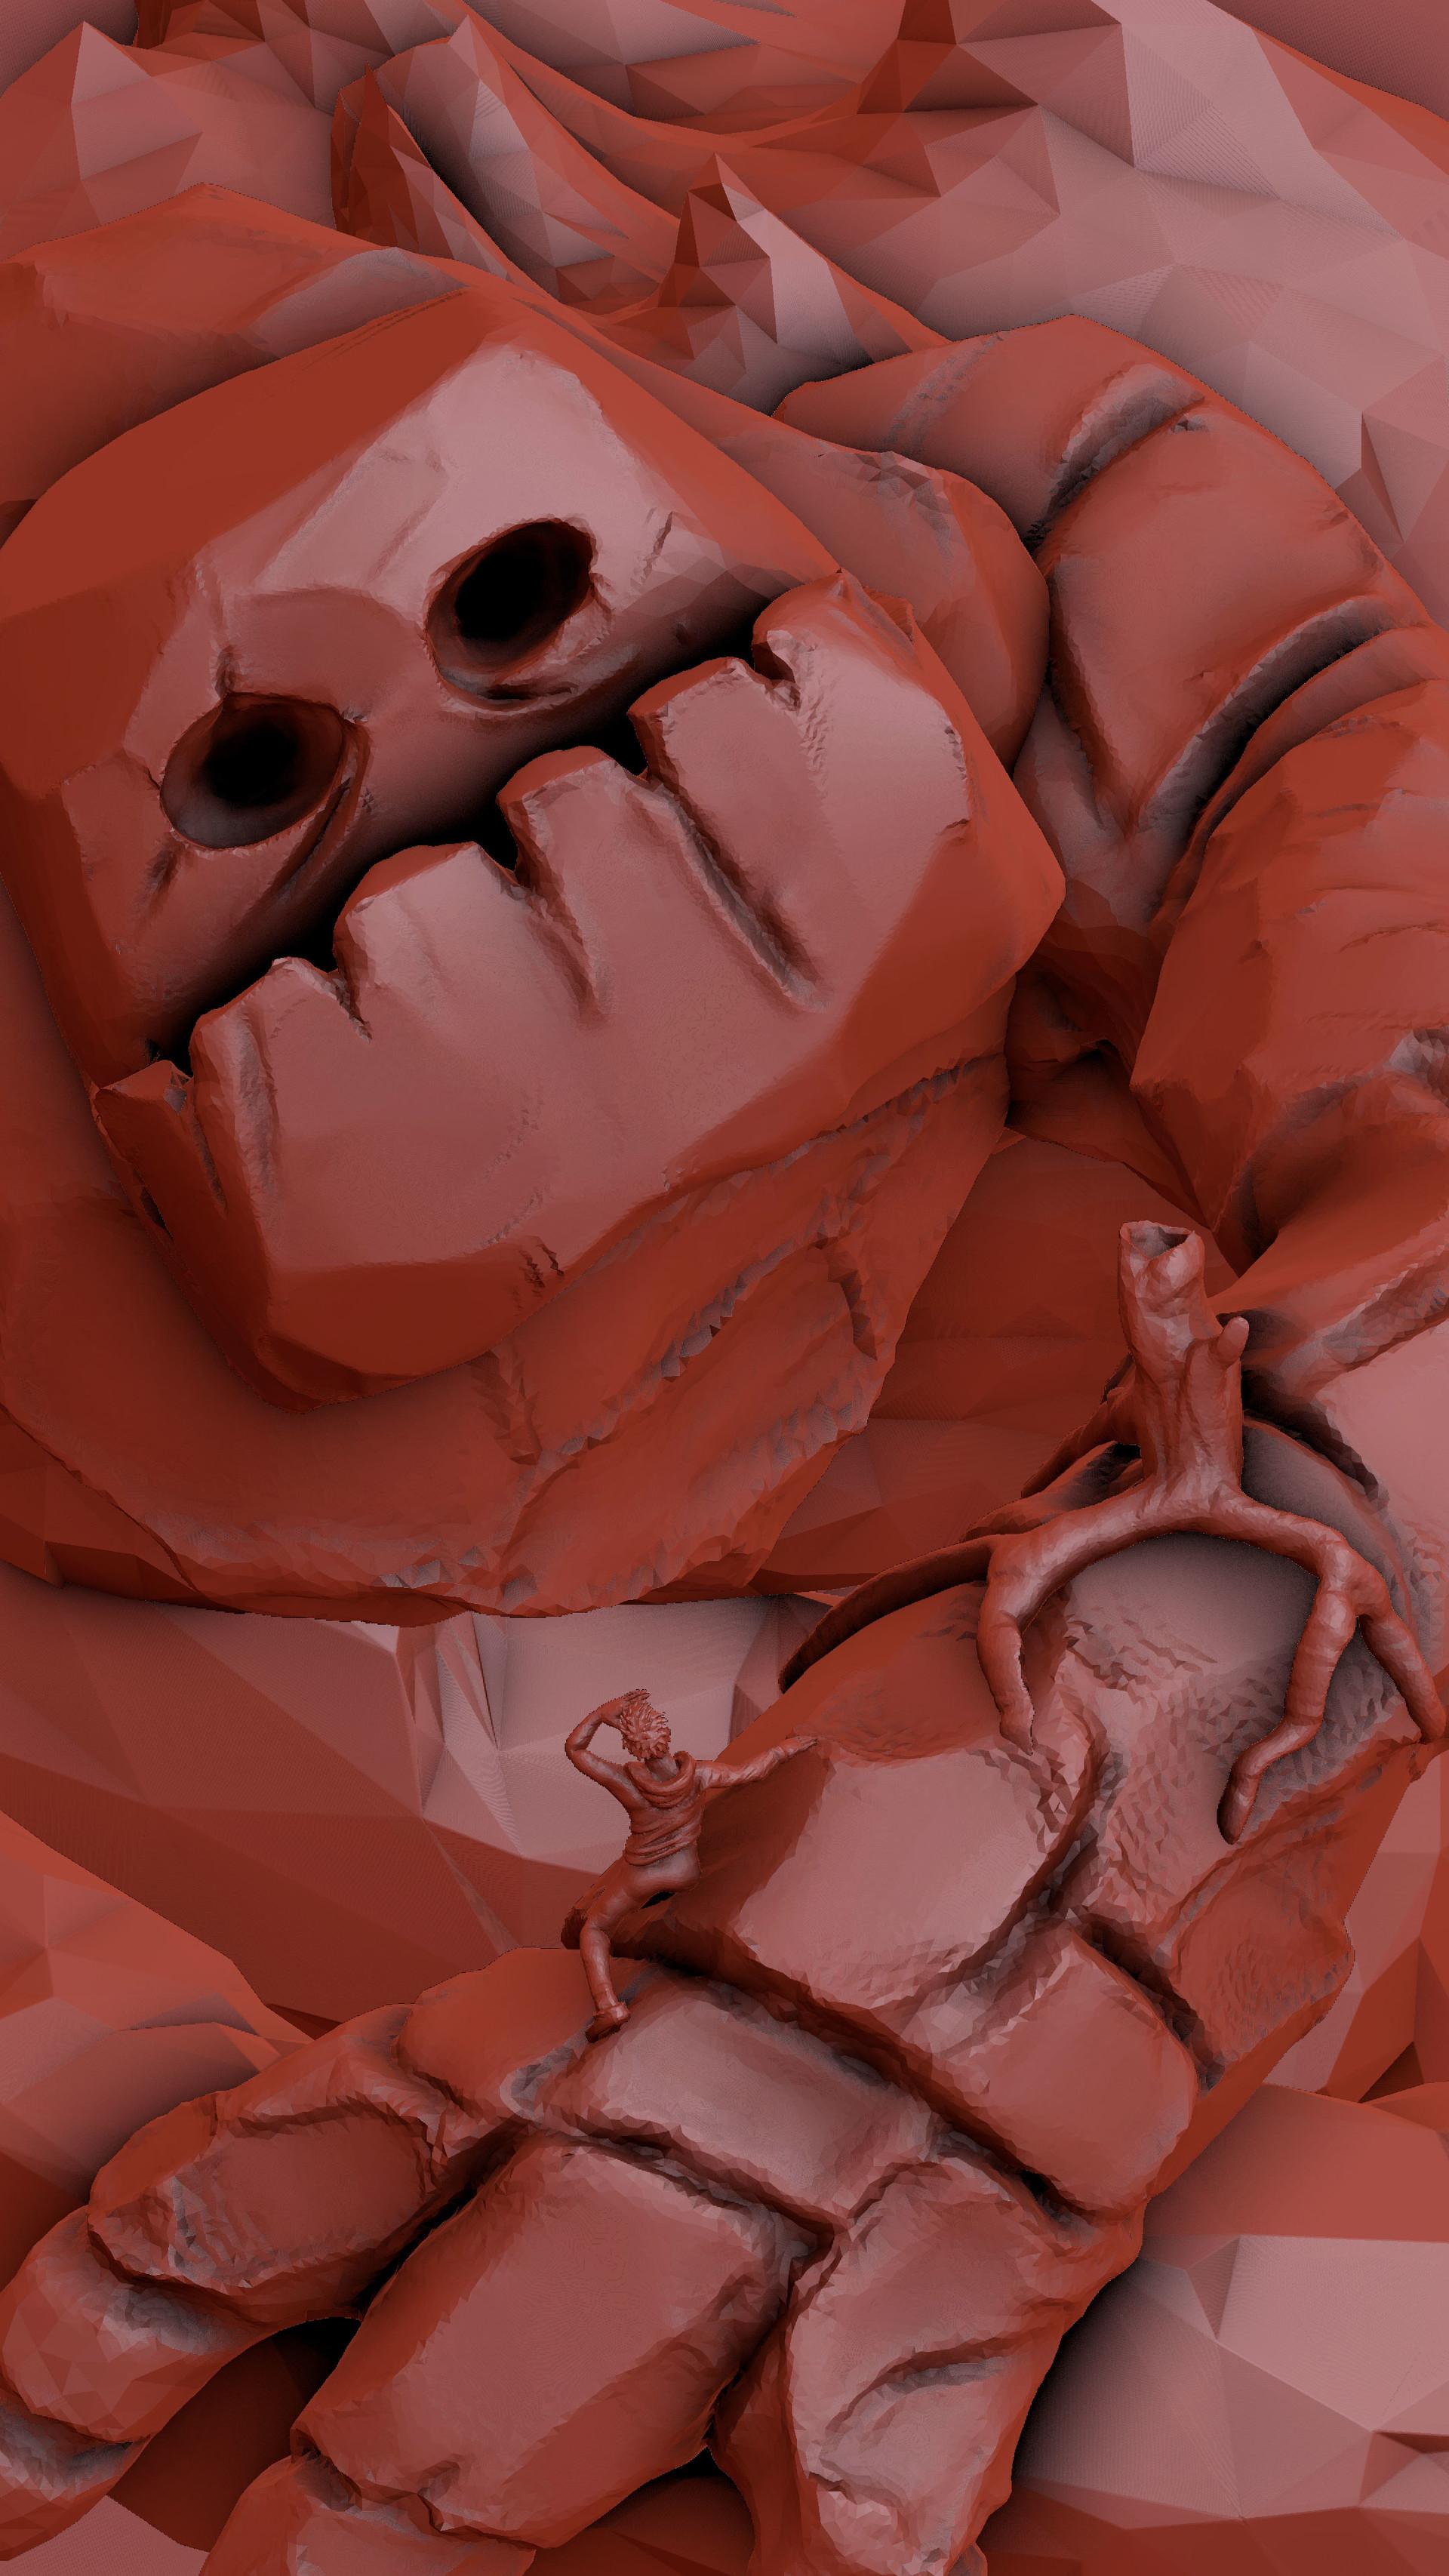 Joao paulo lacerda clay